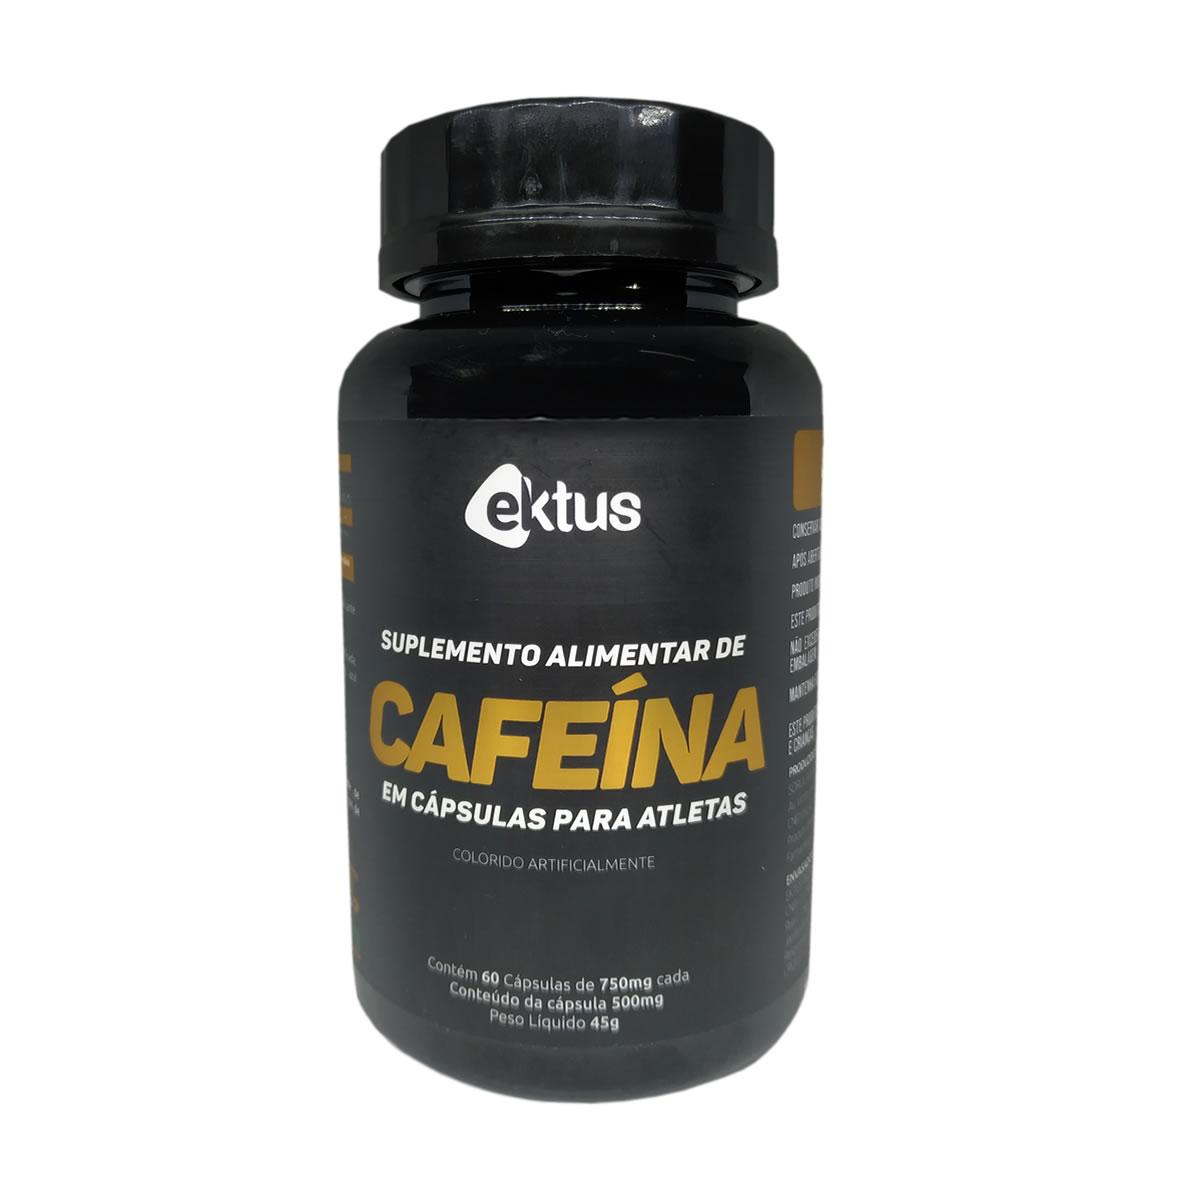 Cafeína 500mg com 60 cápsulas - Ektus